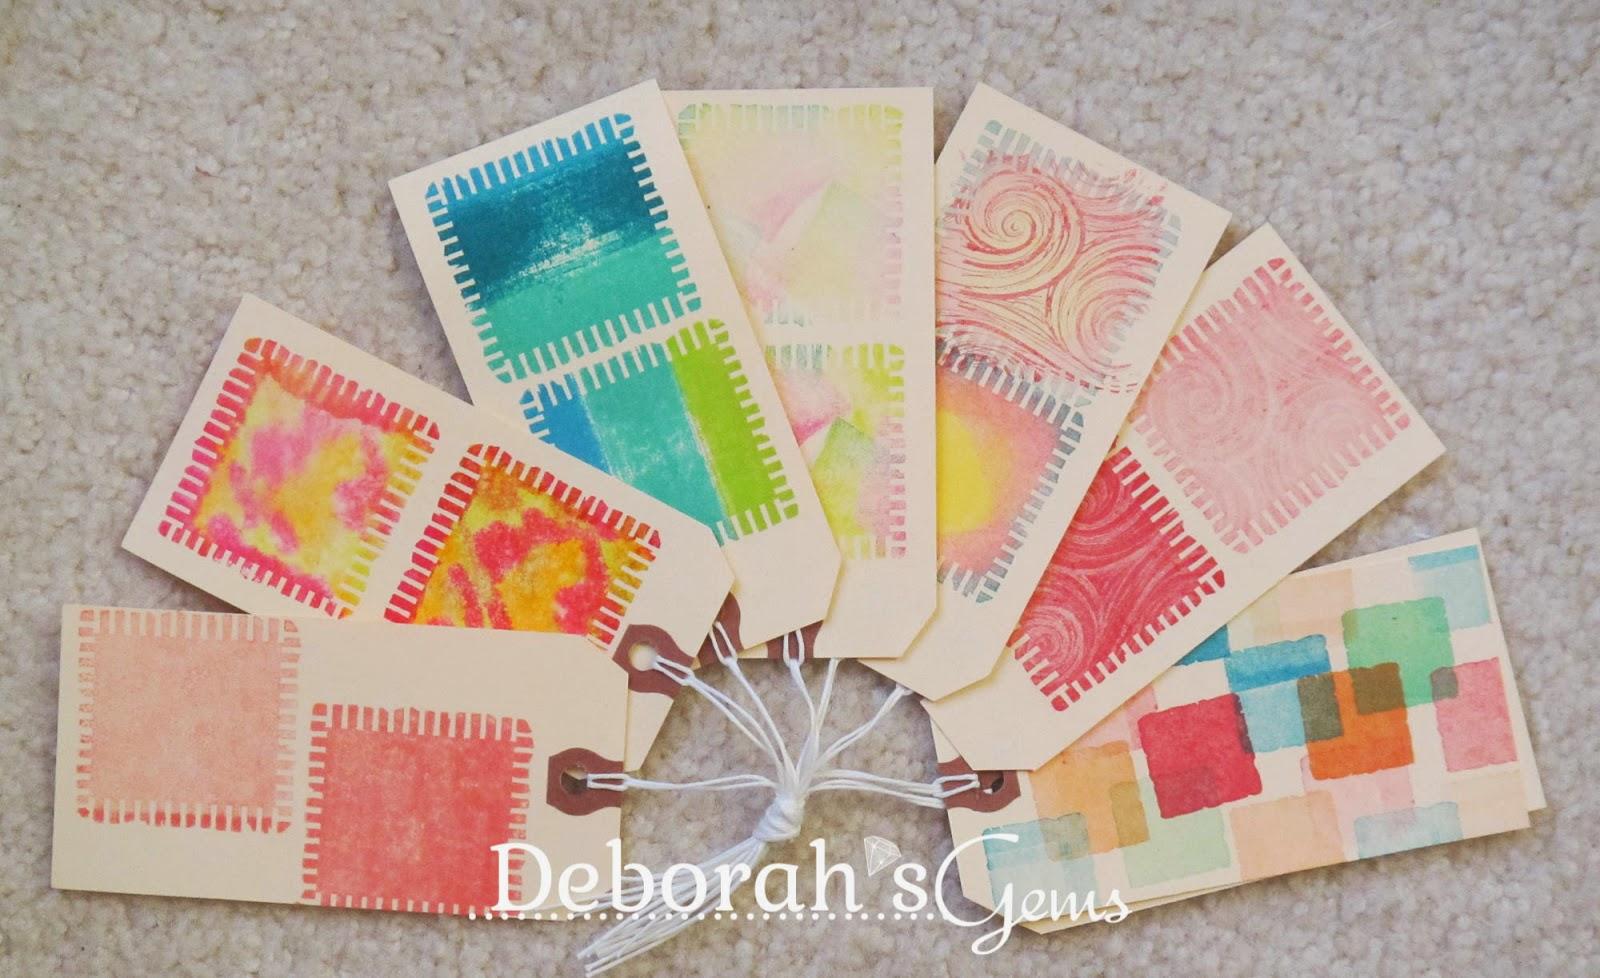 Shadow Tags - photo by Deborah Frings - Deborah's Gems